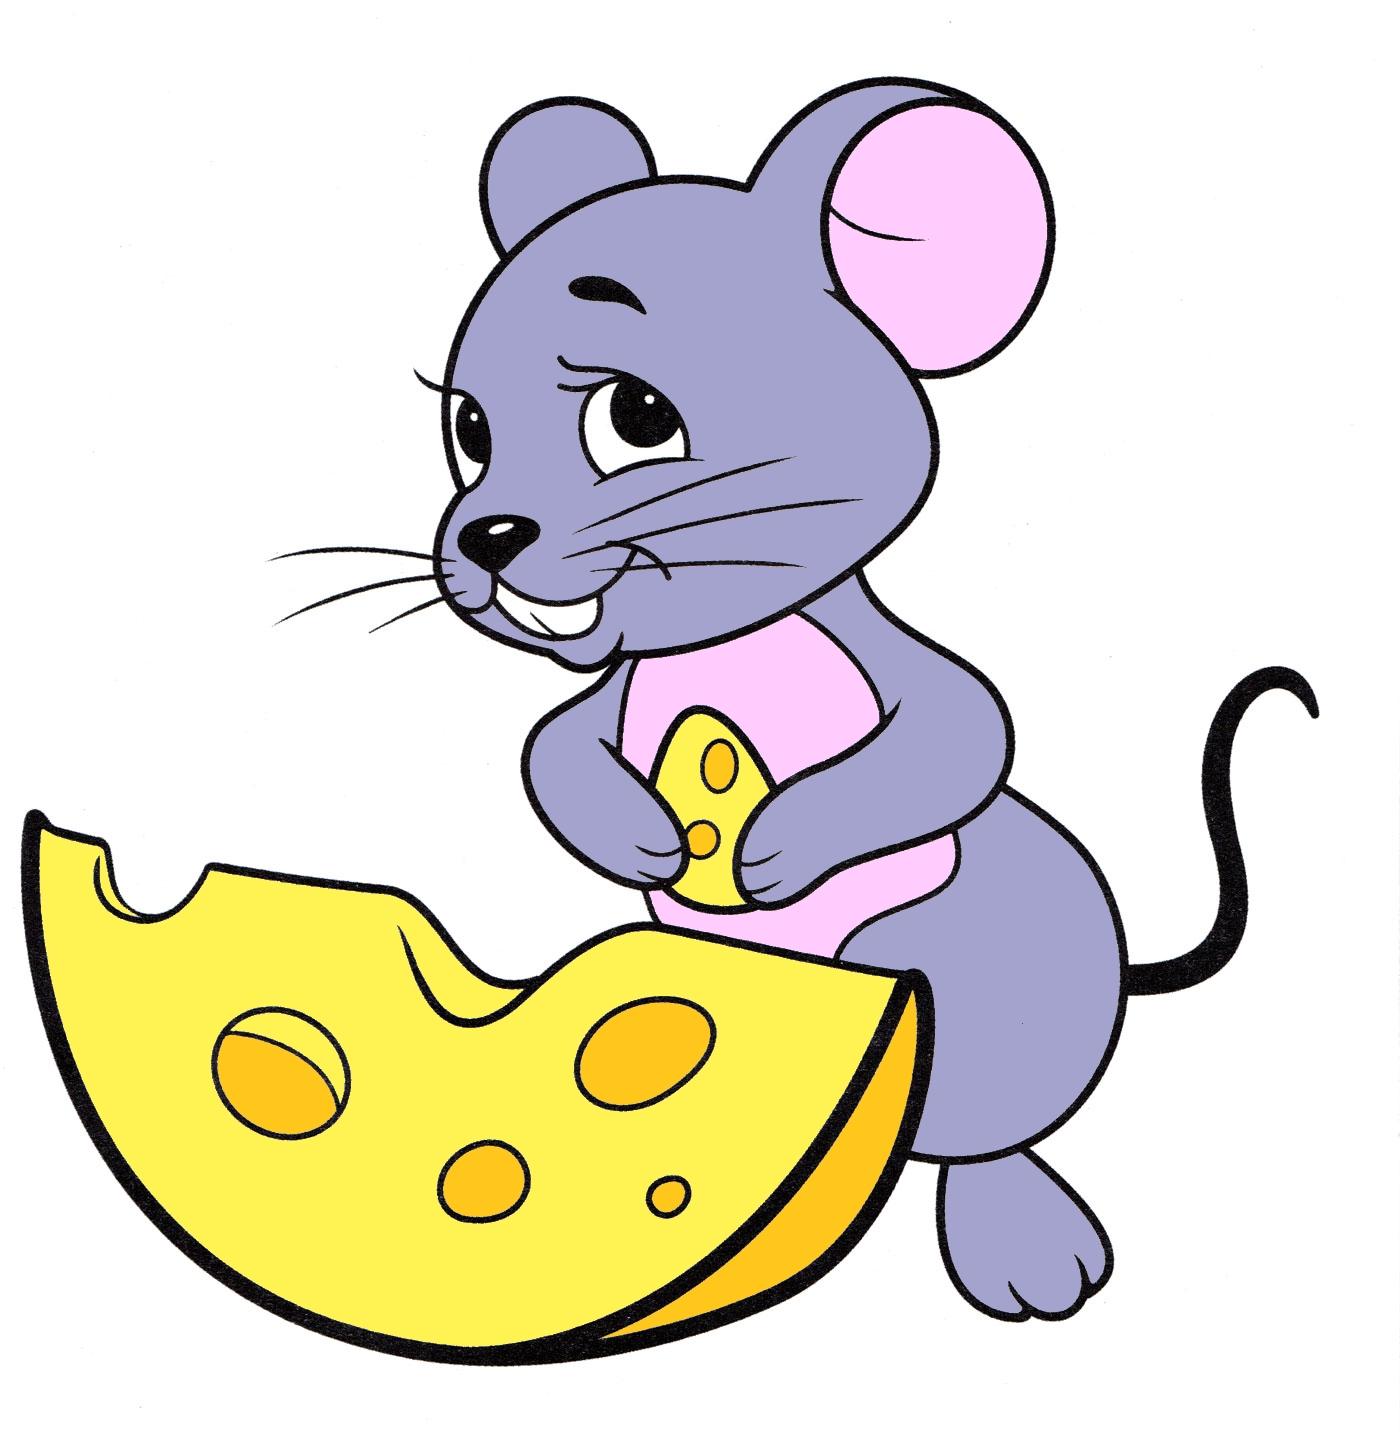 украинские мышата картинки для малышей мои поздравления случаю